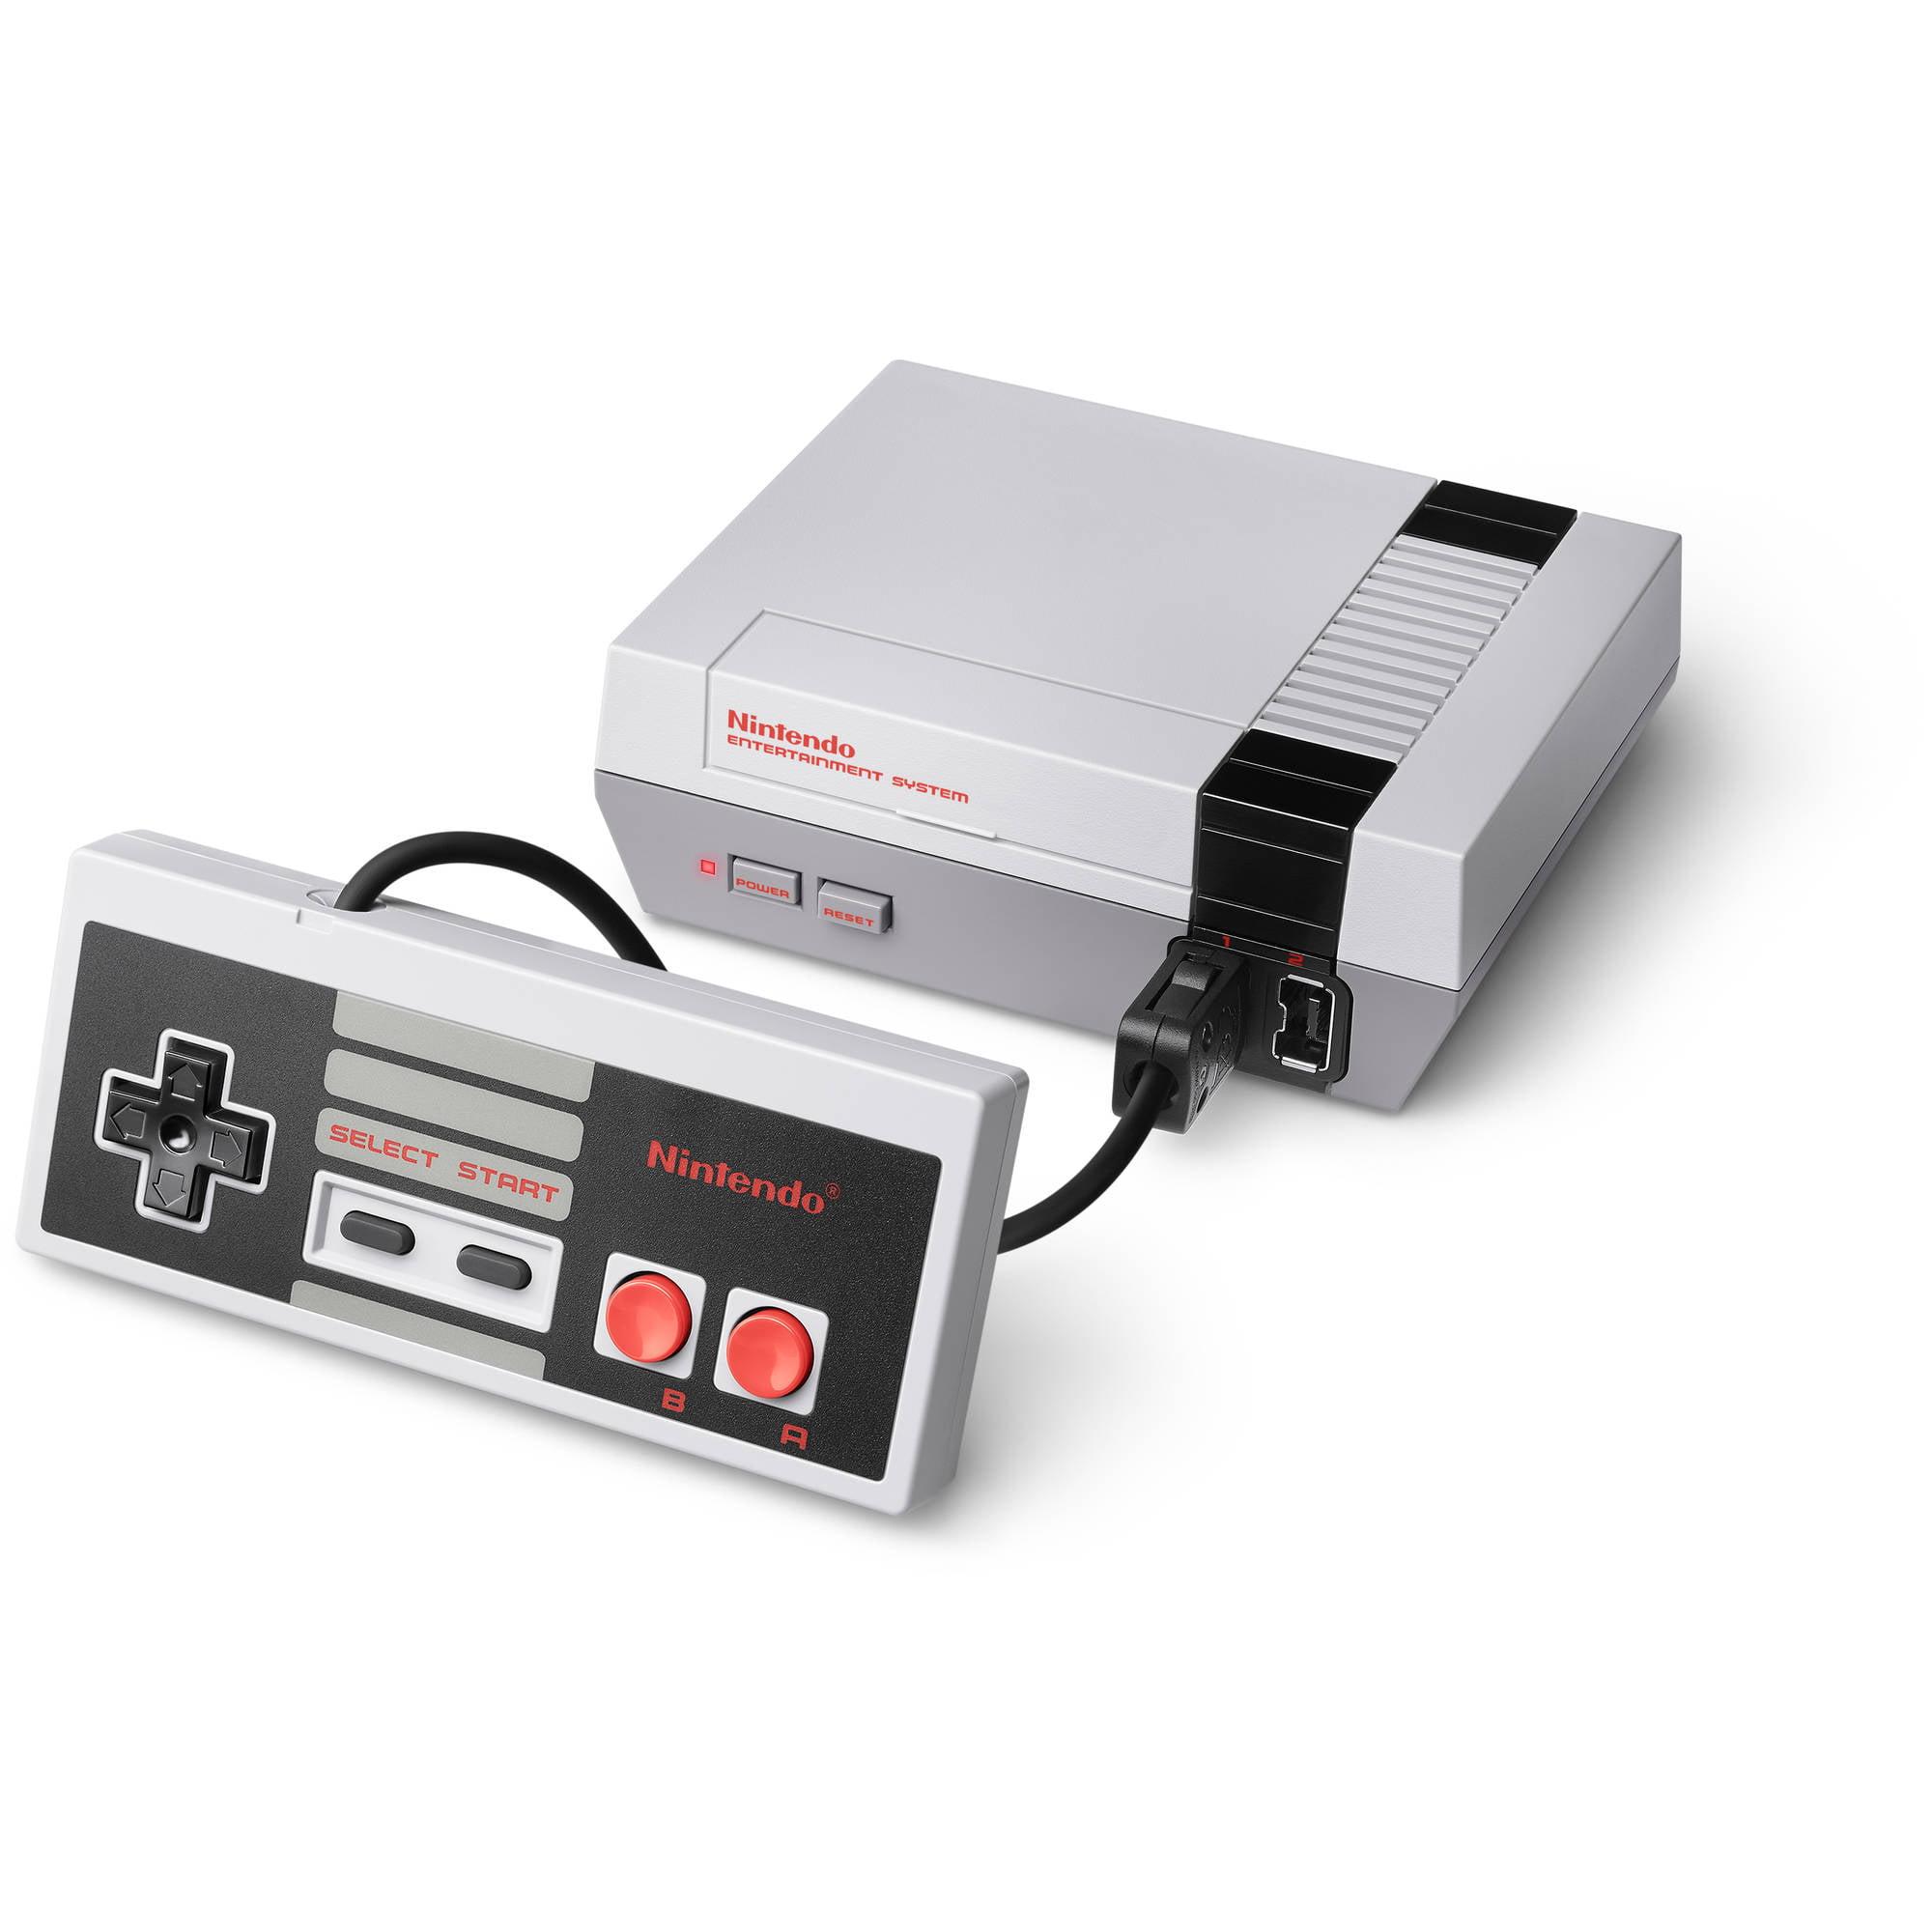 Nintendo entertainment system nes classic edition walmart com